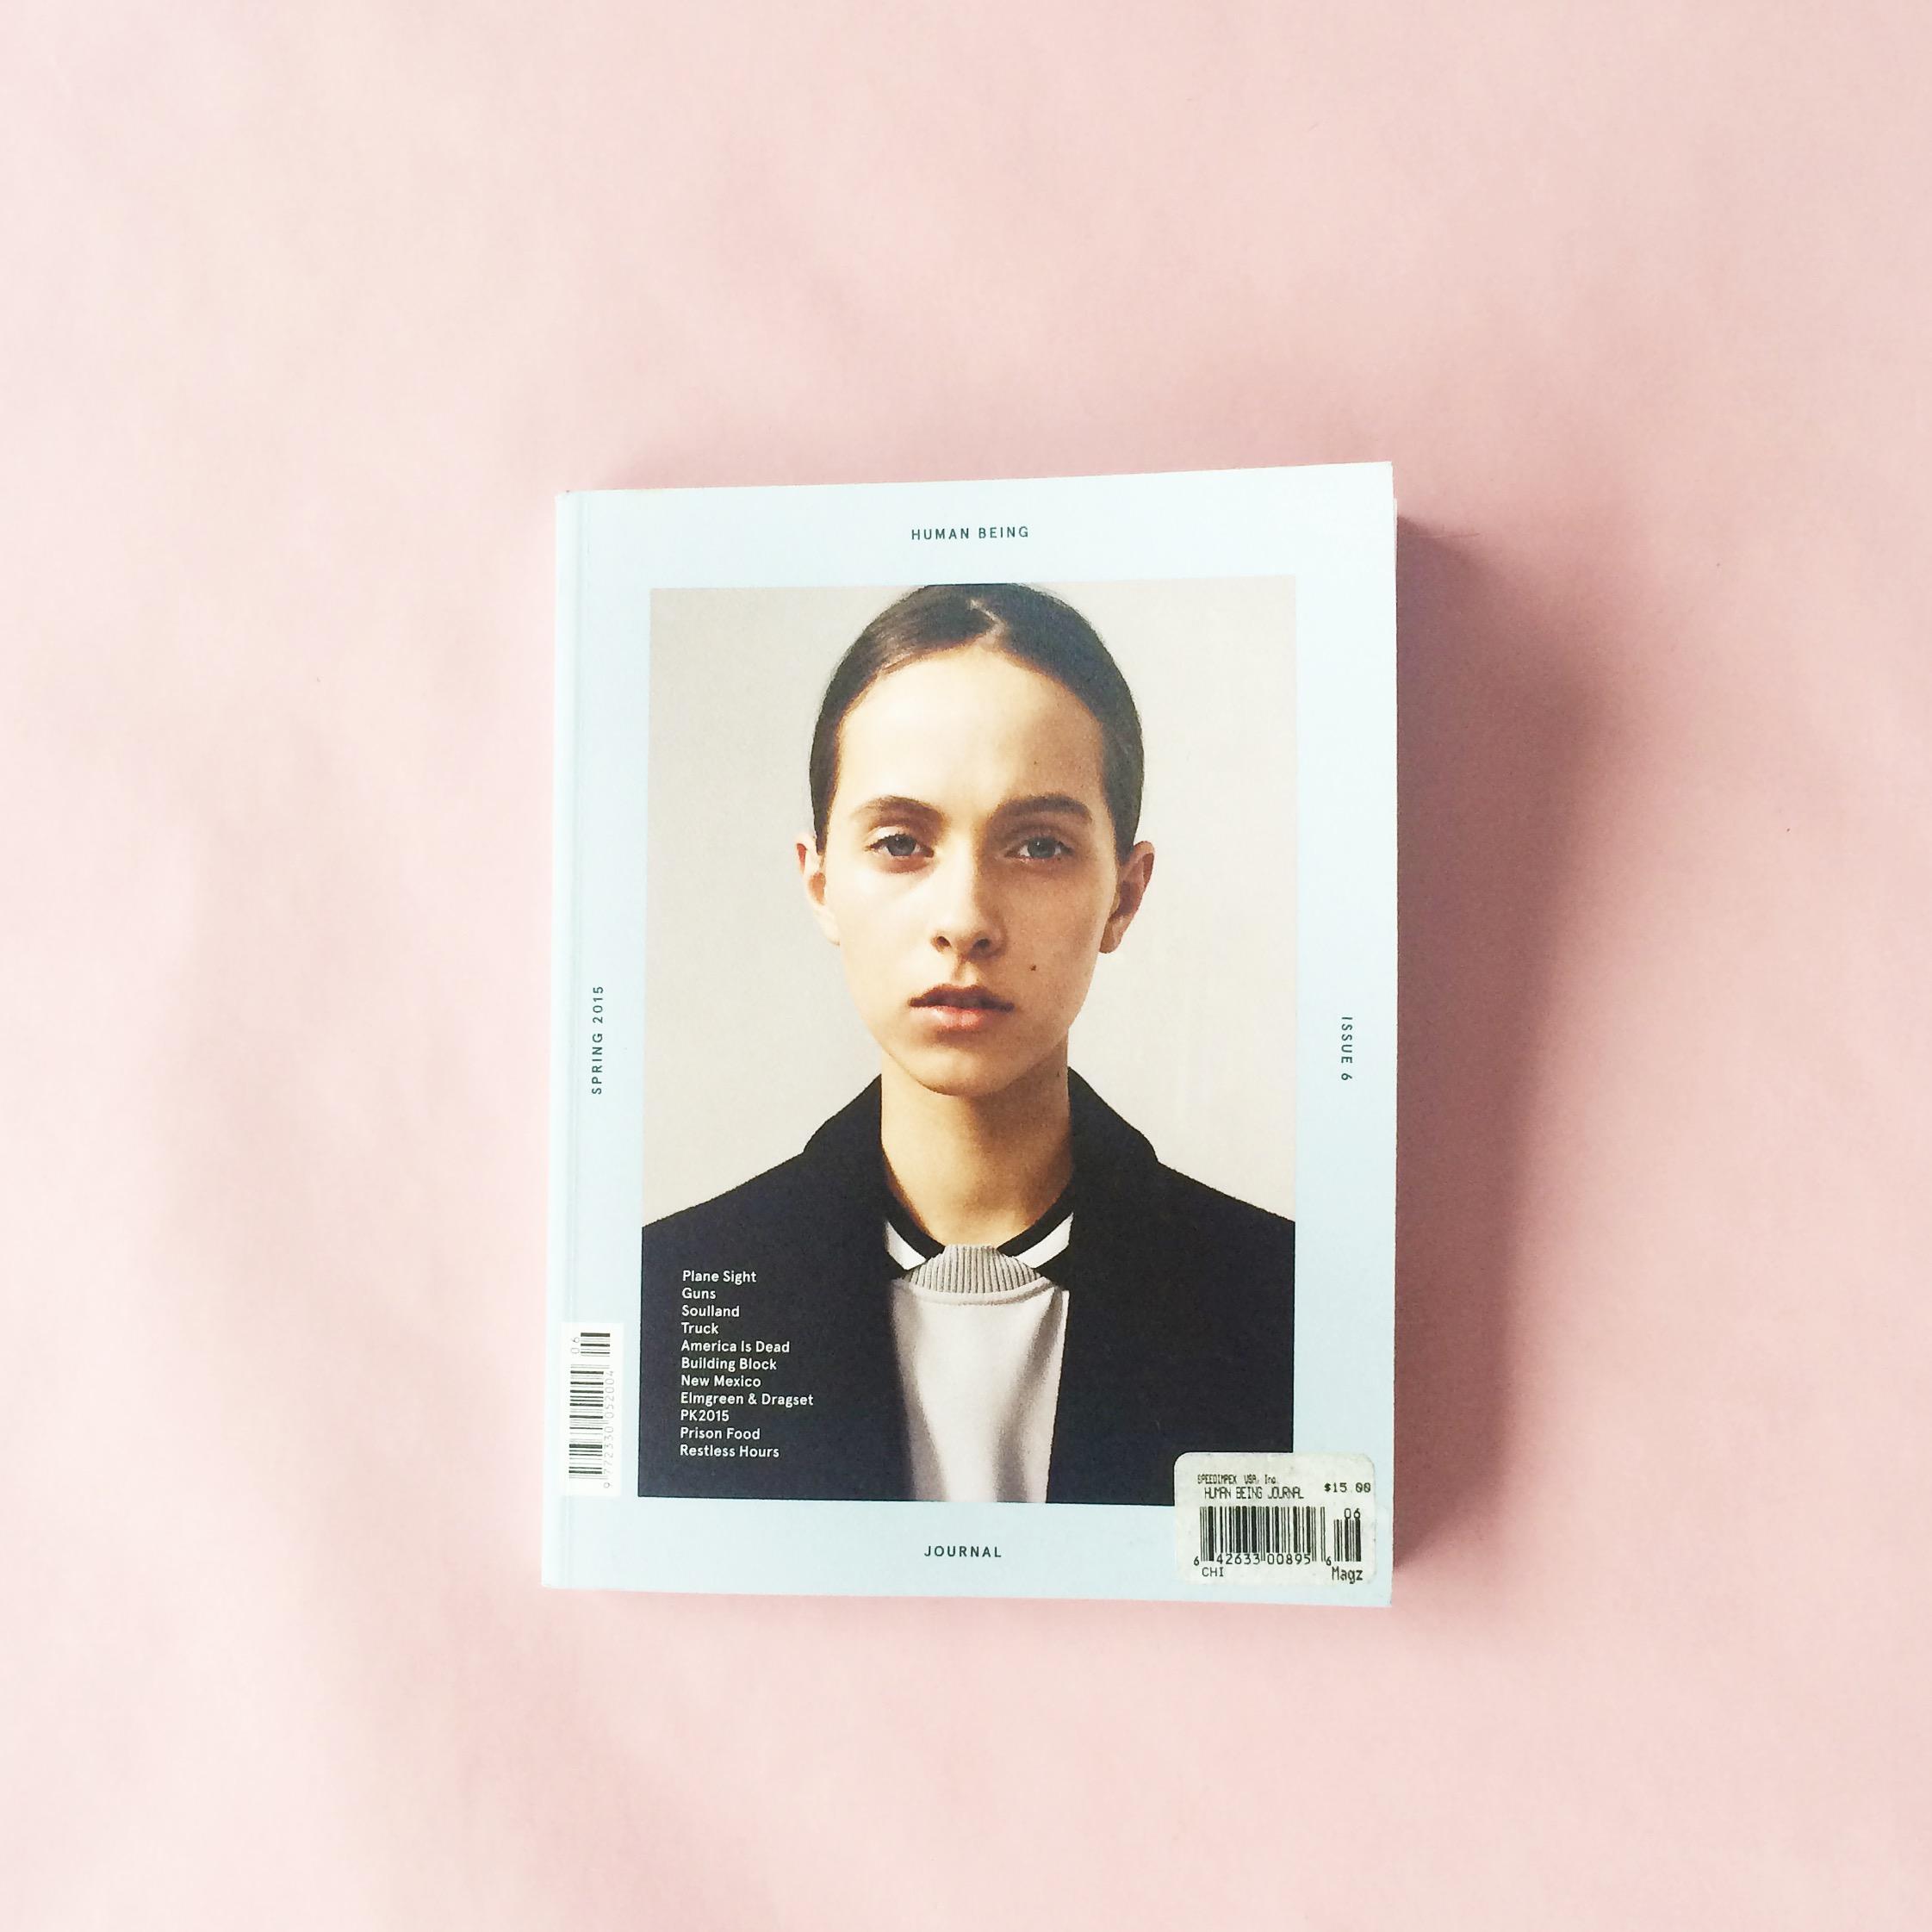 Bodega LTD - Human Being Journal